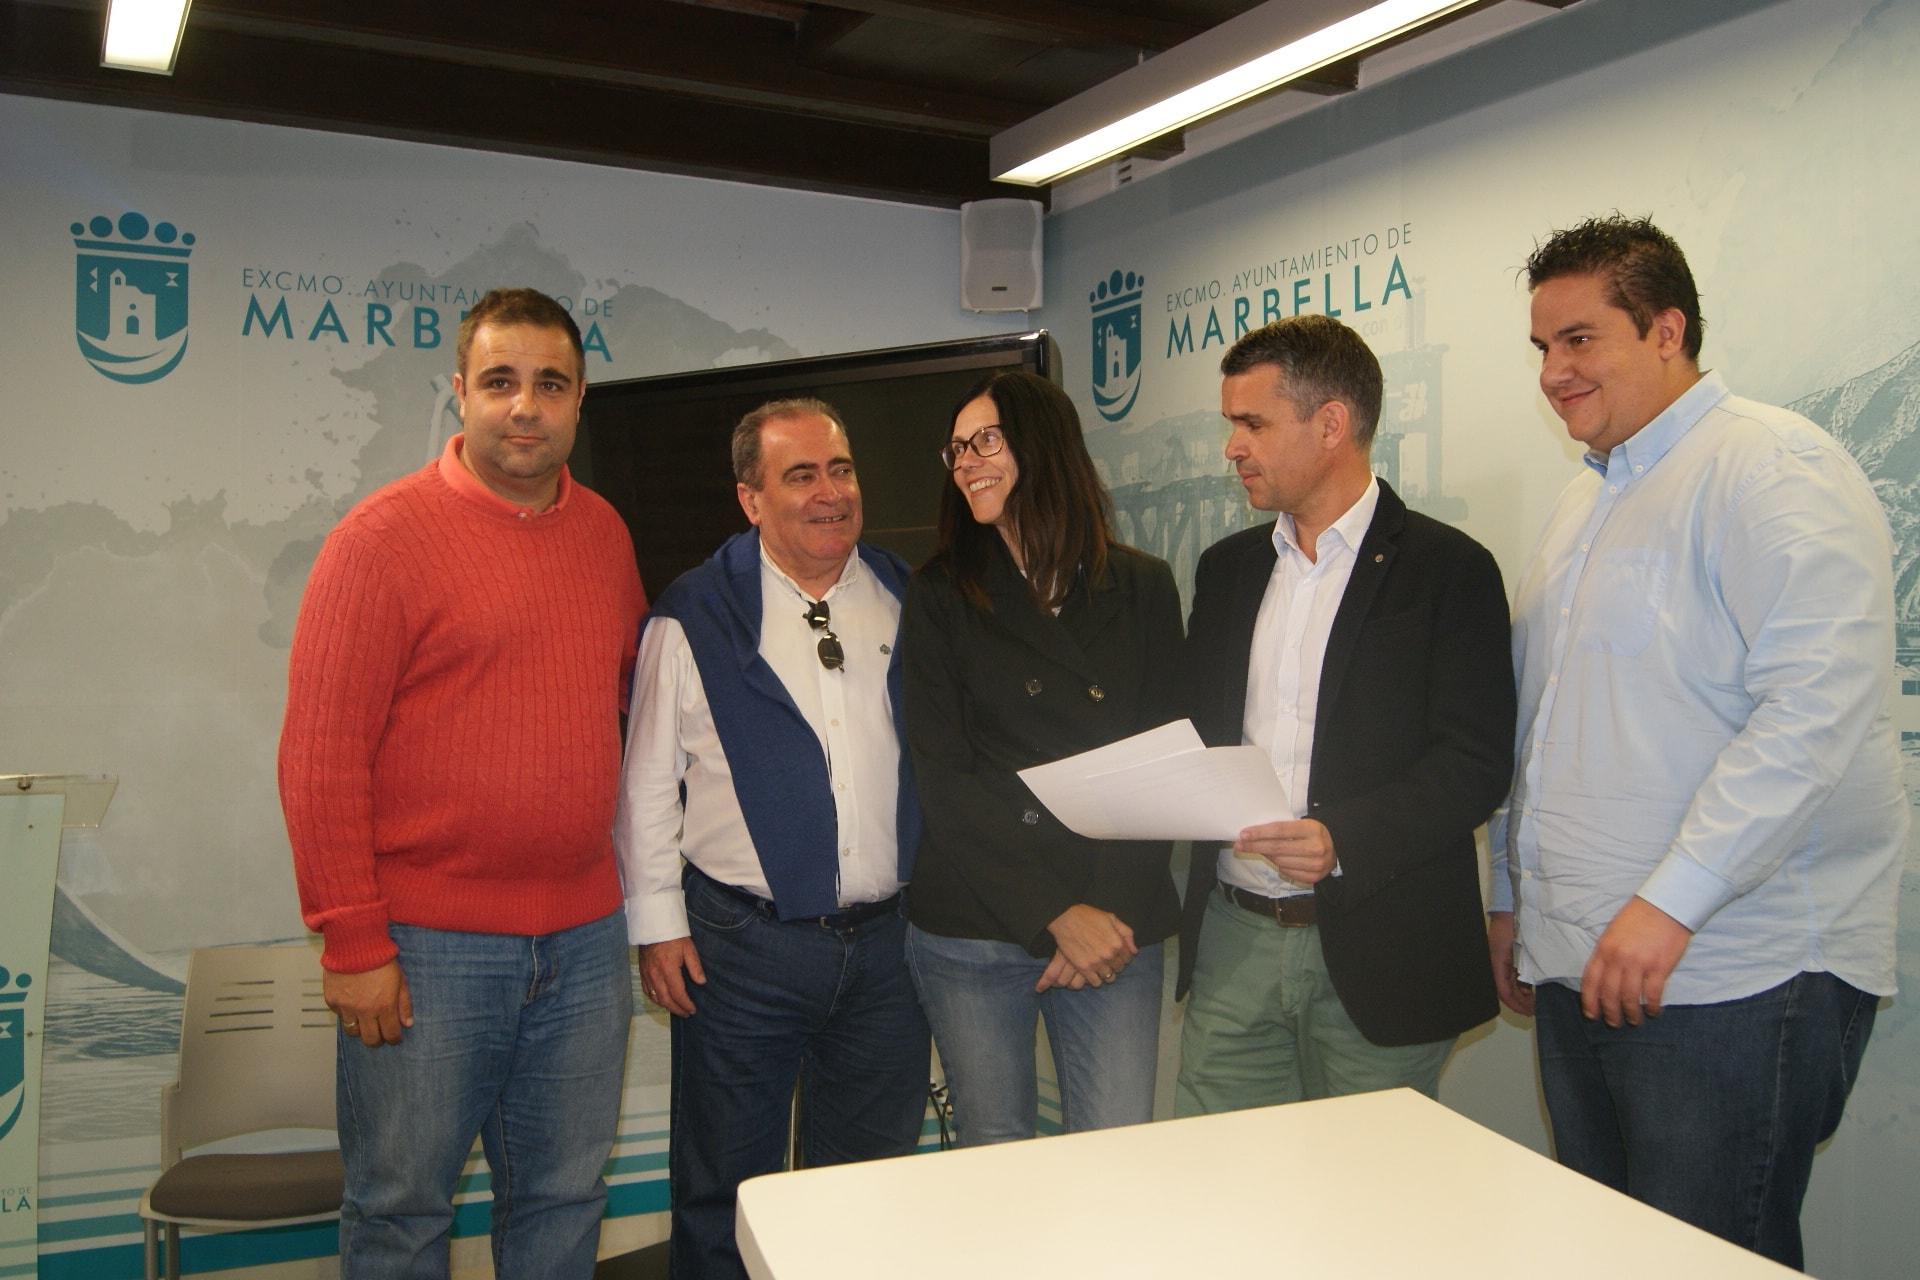 El PSOE denuncia que el área de Contratación está paralizada y no hay licitaciones desde el pasado 8 de marzo